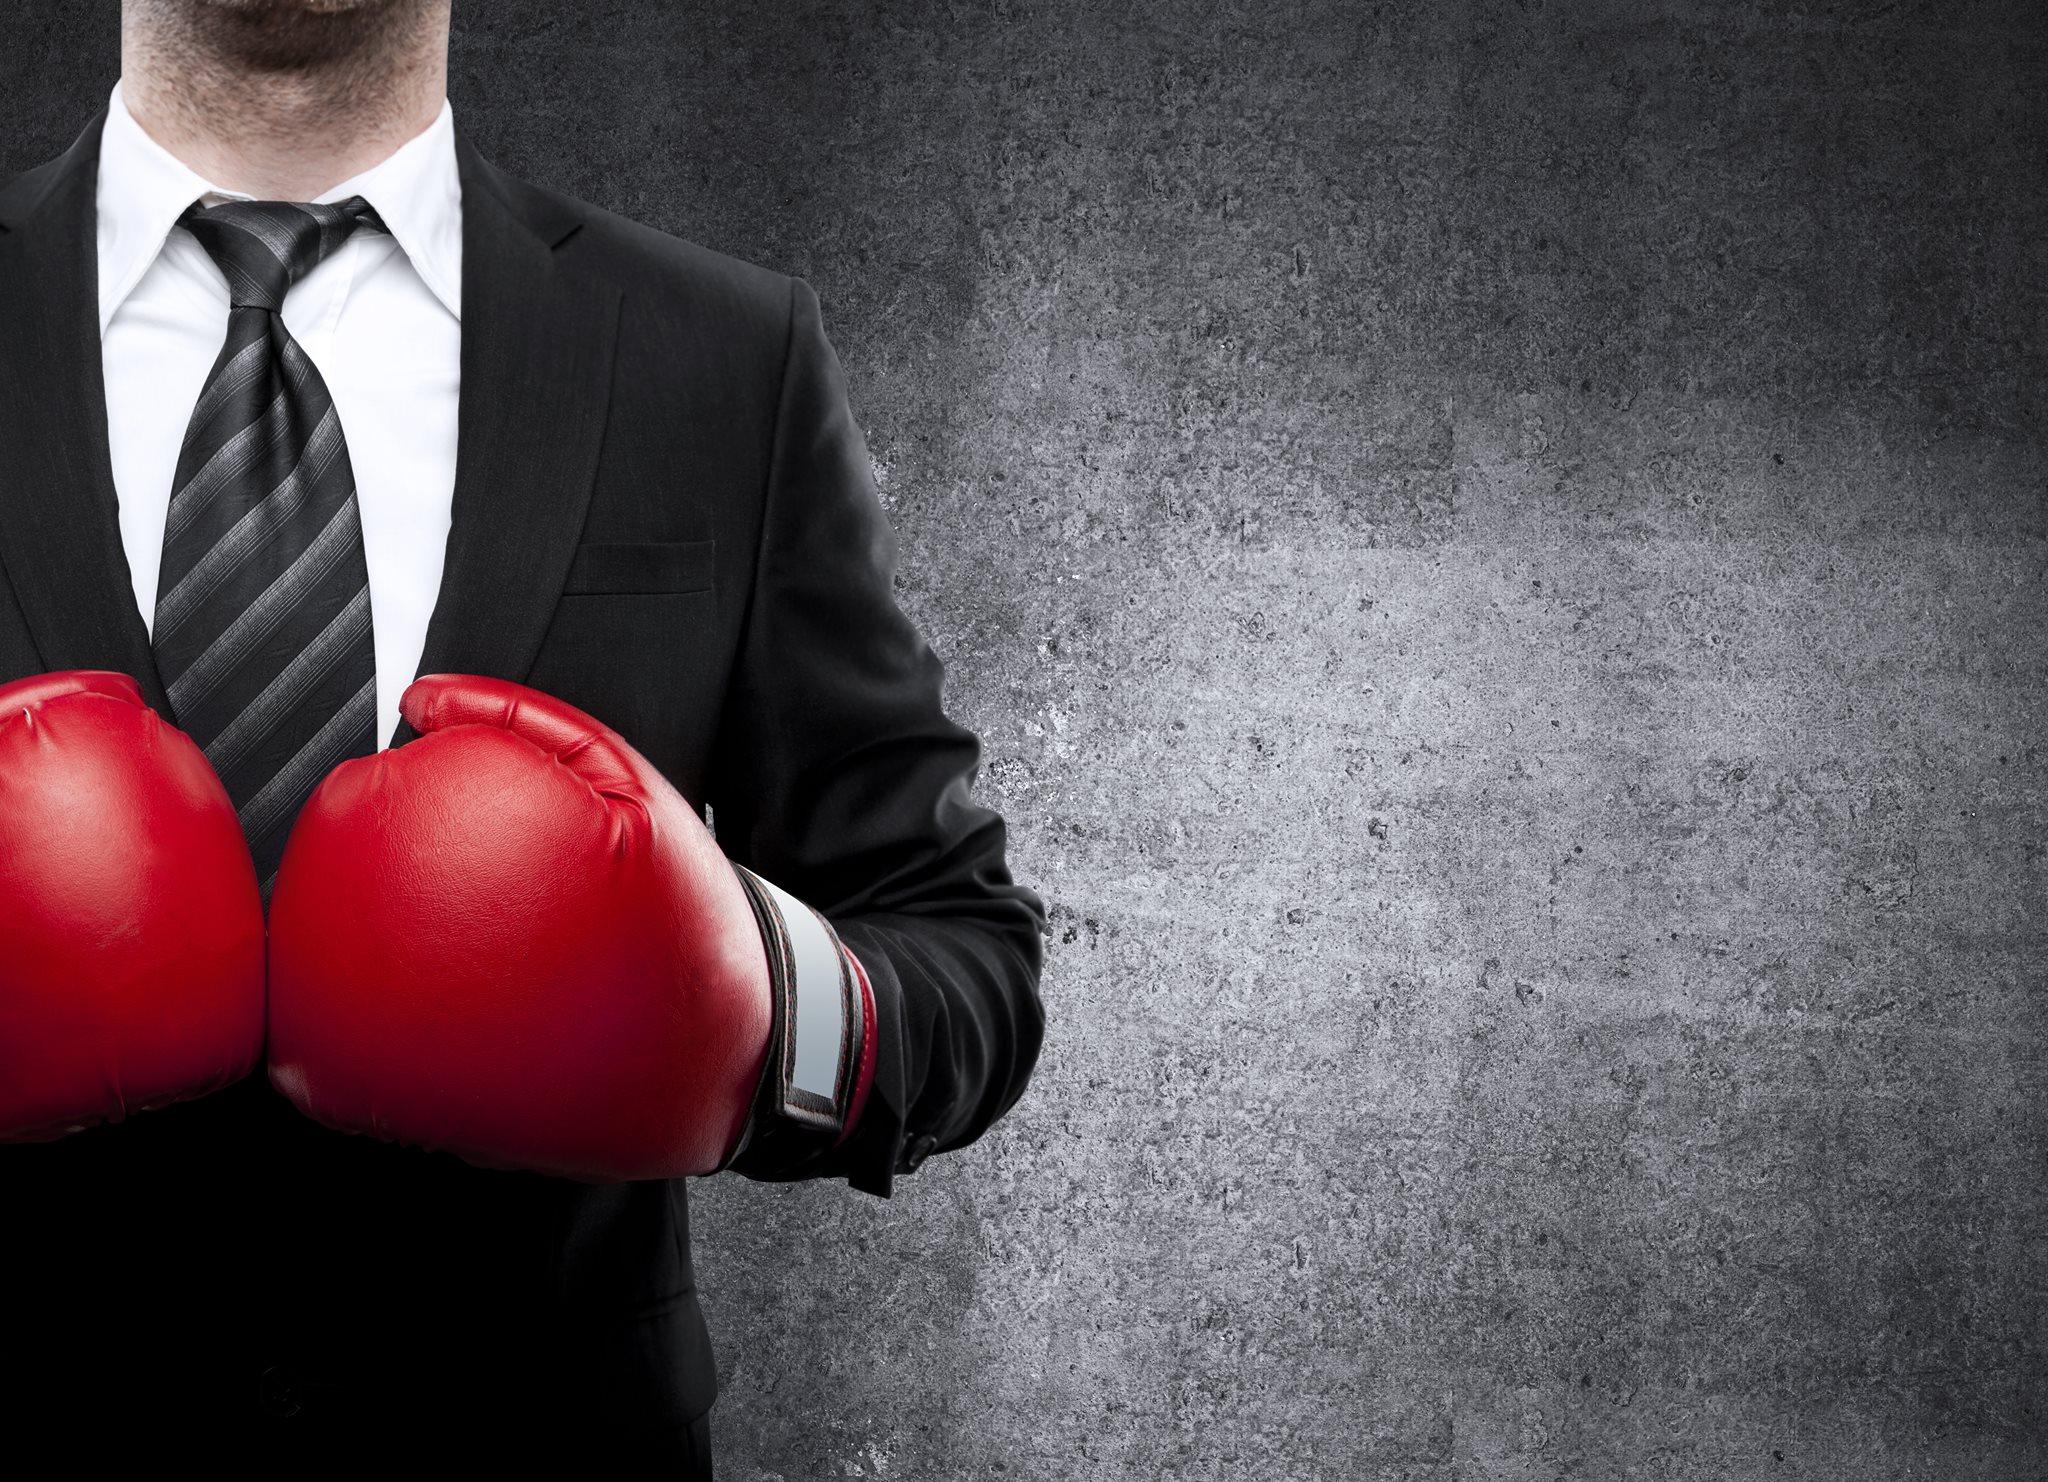 Escolha suas batalhas e meça o preço de suas vitórias